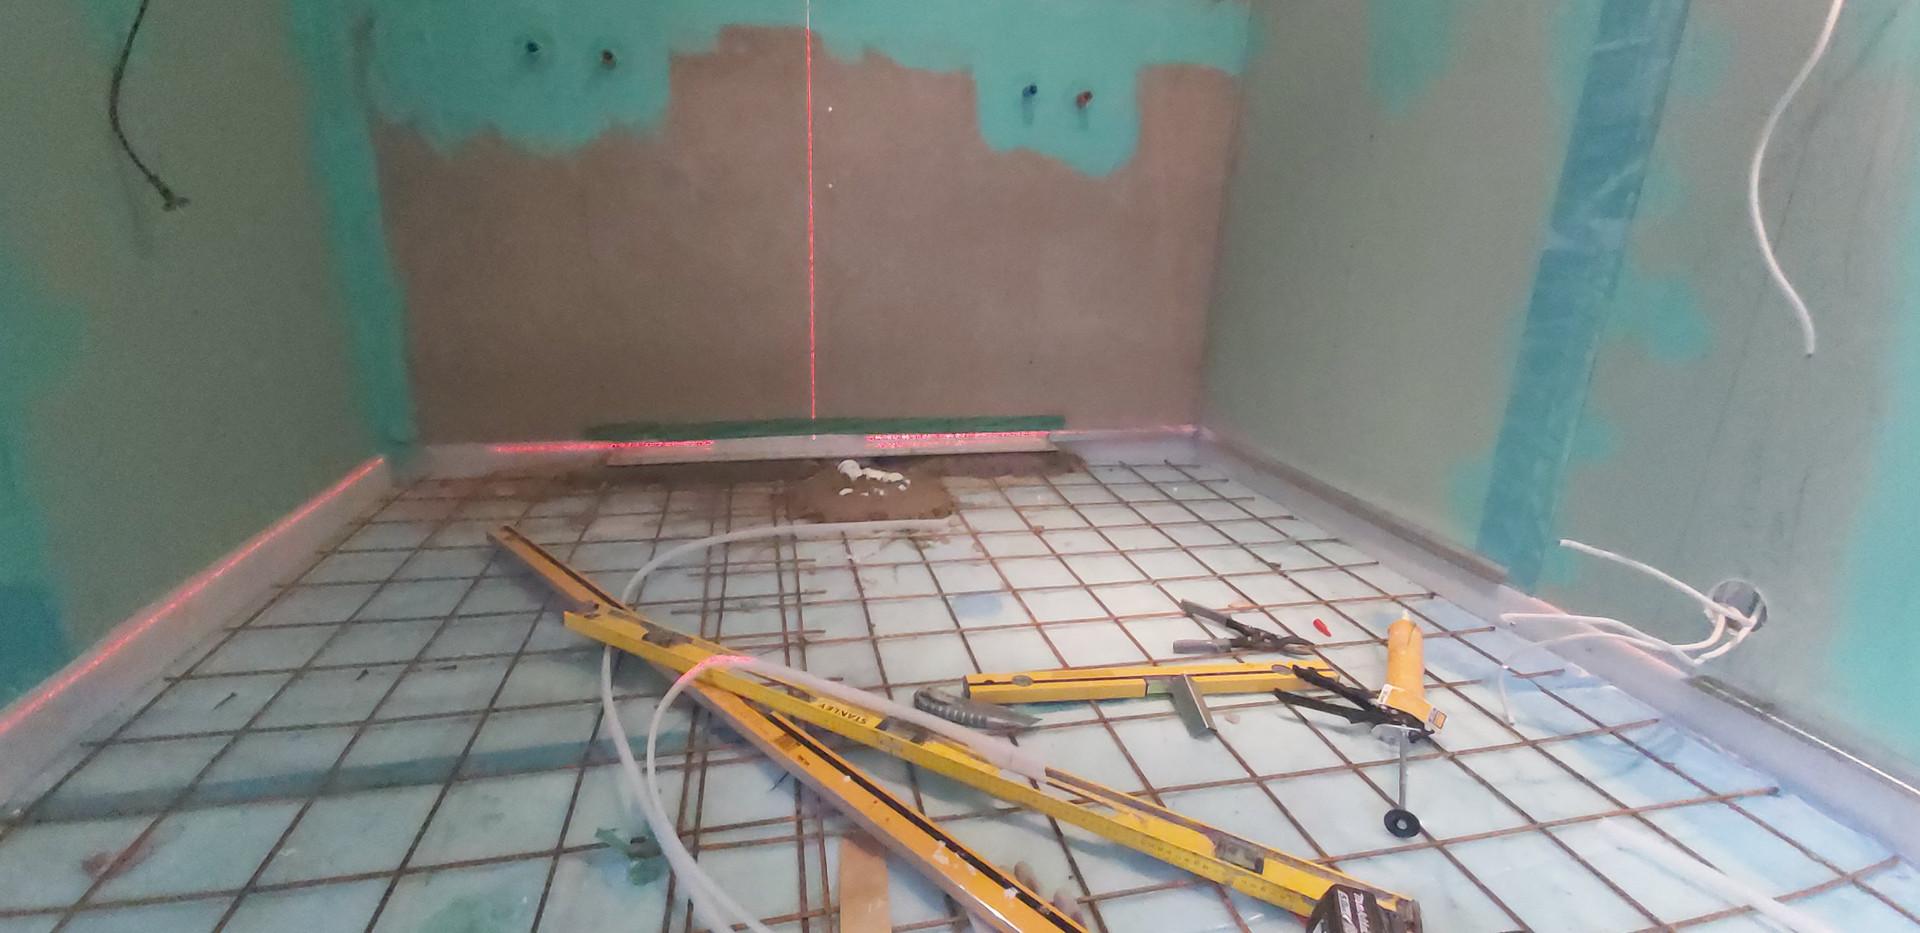 Valmistumine põranda valamiseks